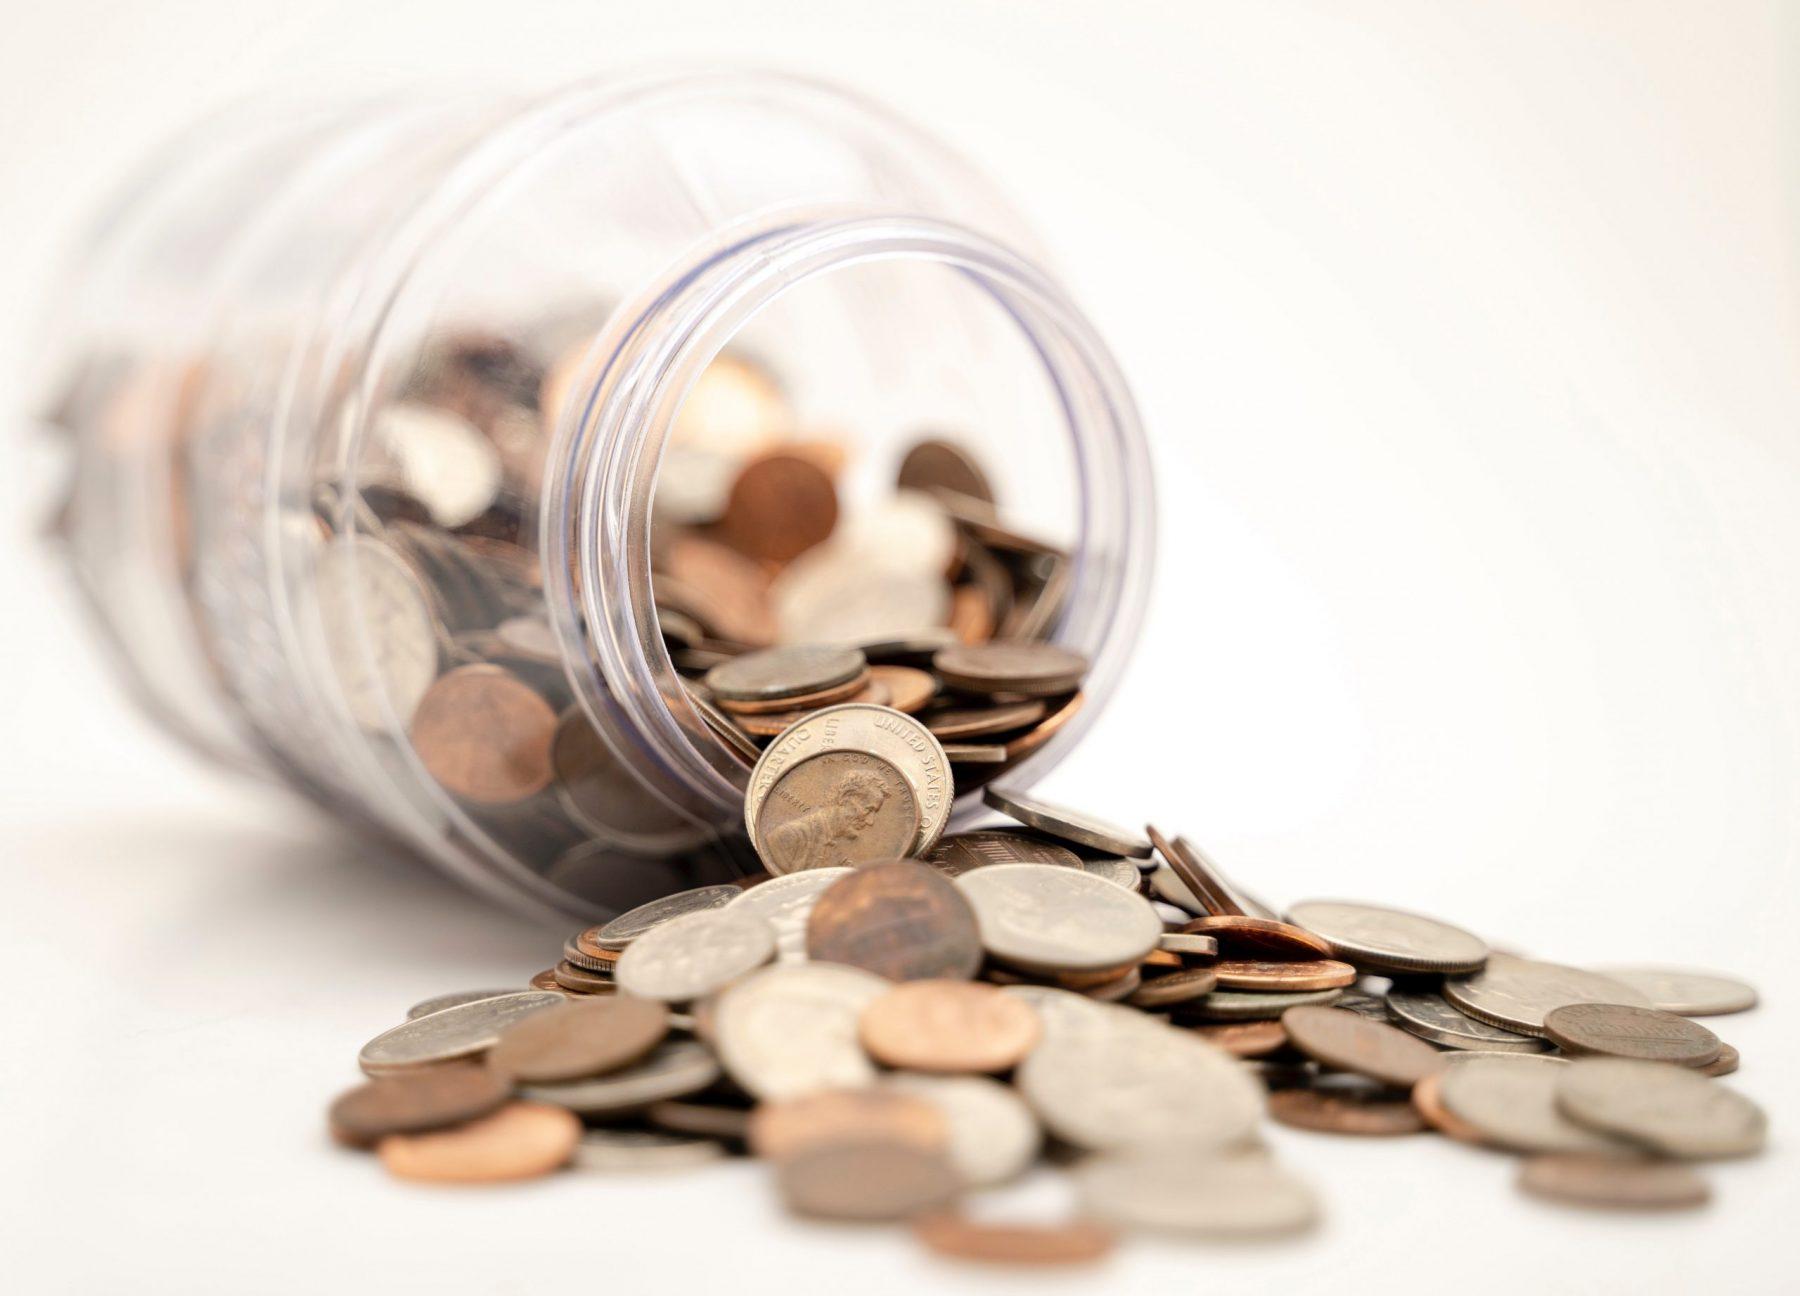 Przewrócony słoik z rozsypanymi monetami